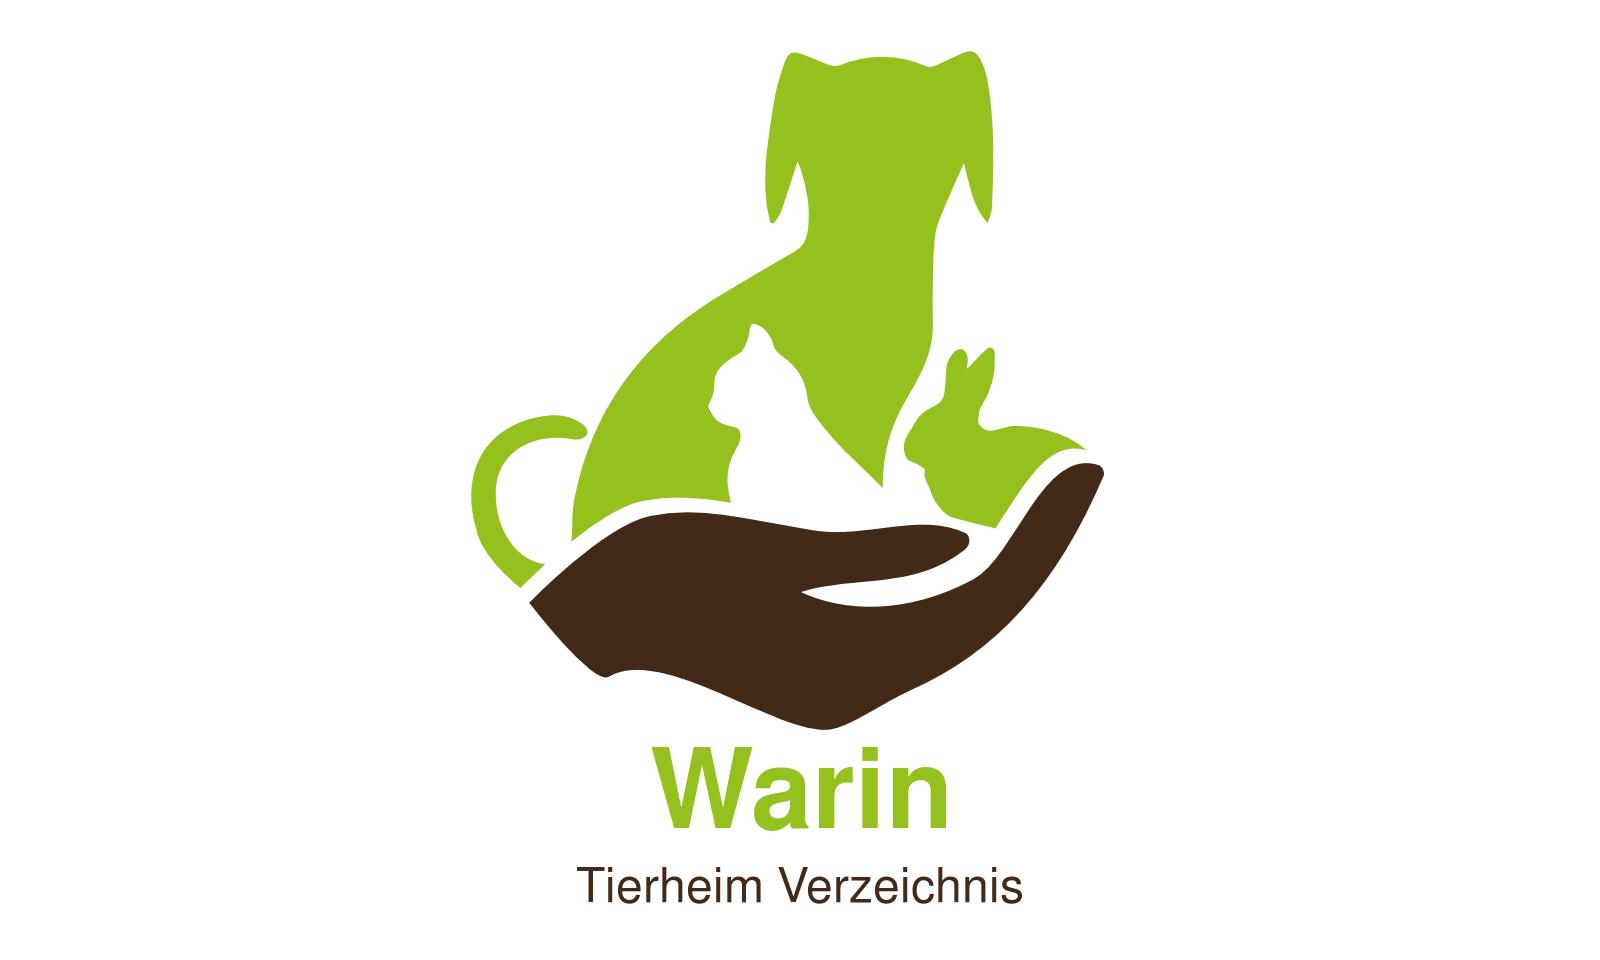 Tierheim Warin